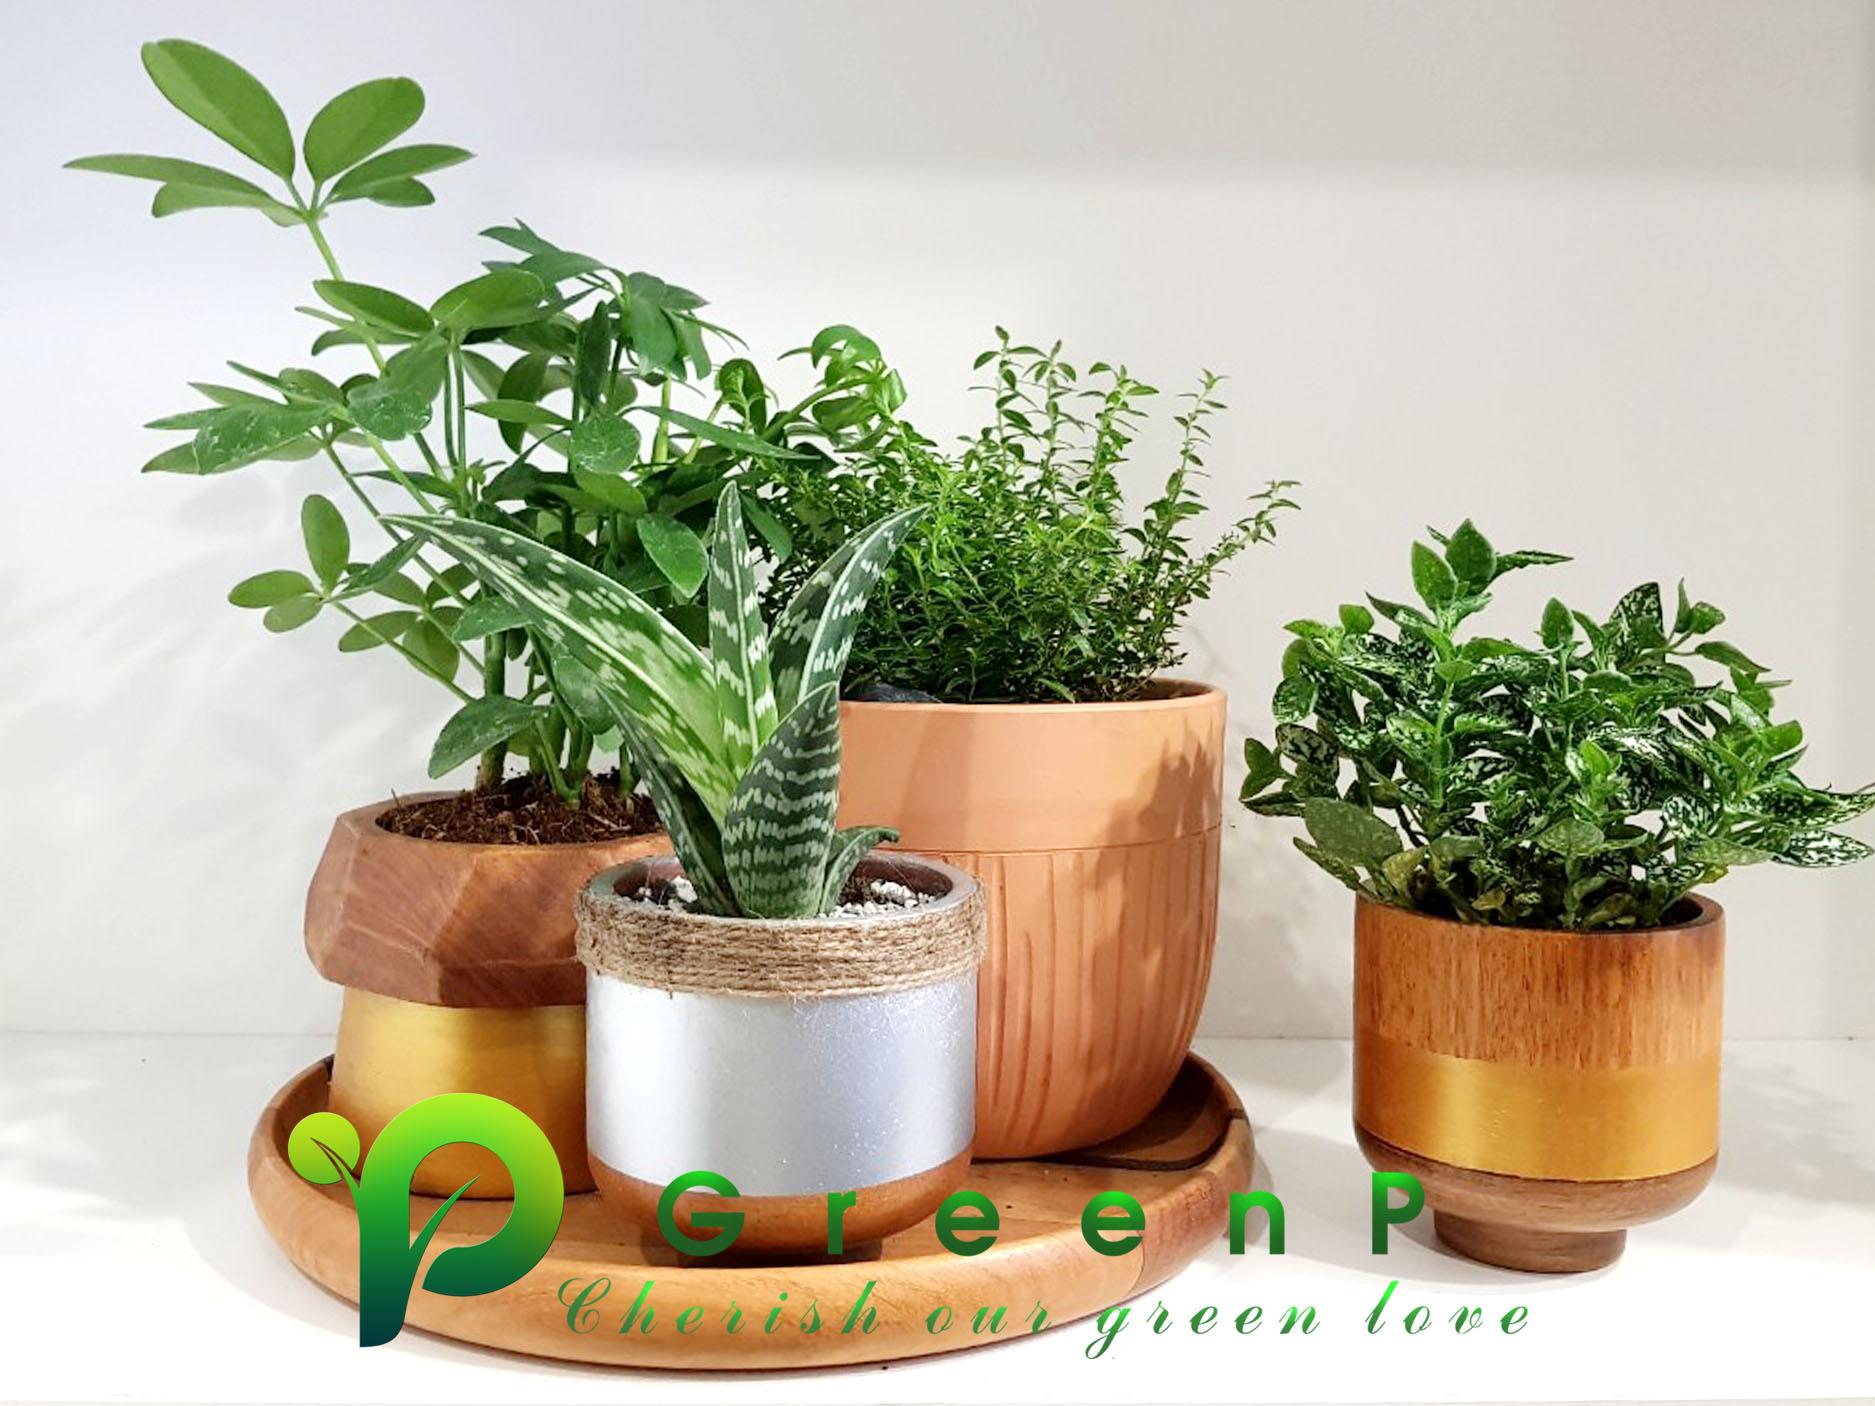 CHẬU HOA TRANG TRÍ - GREEN P